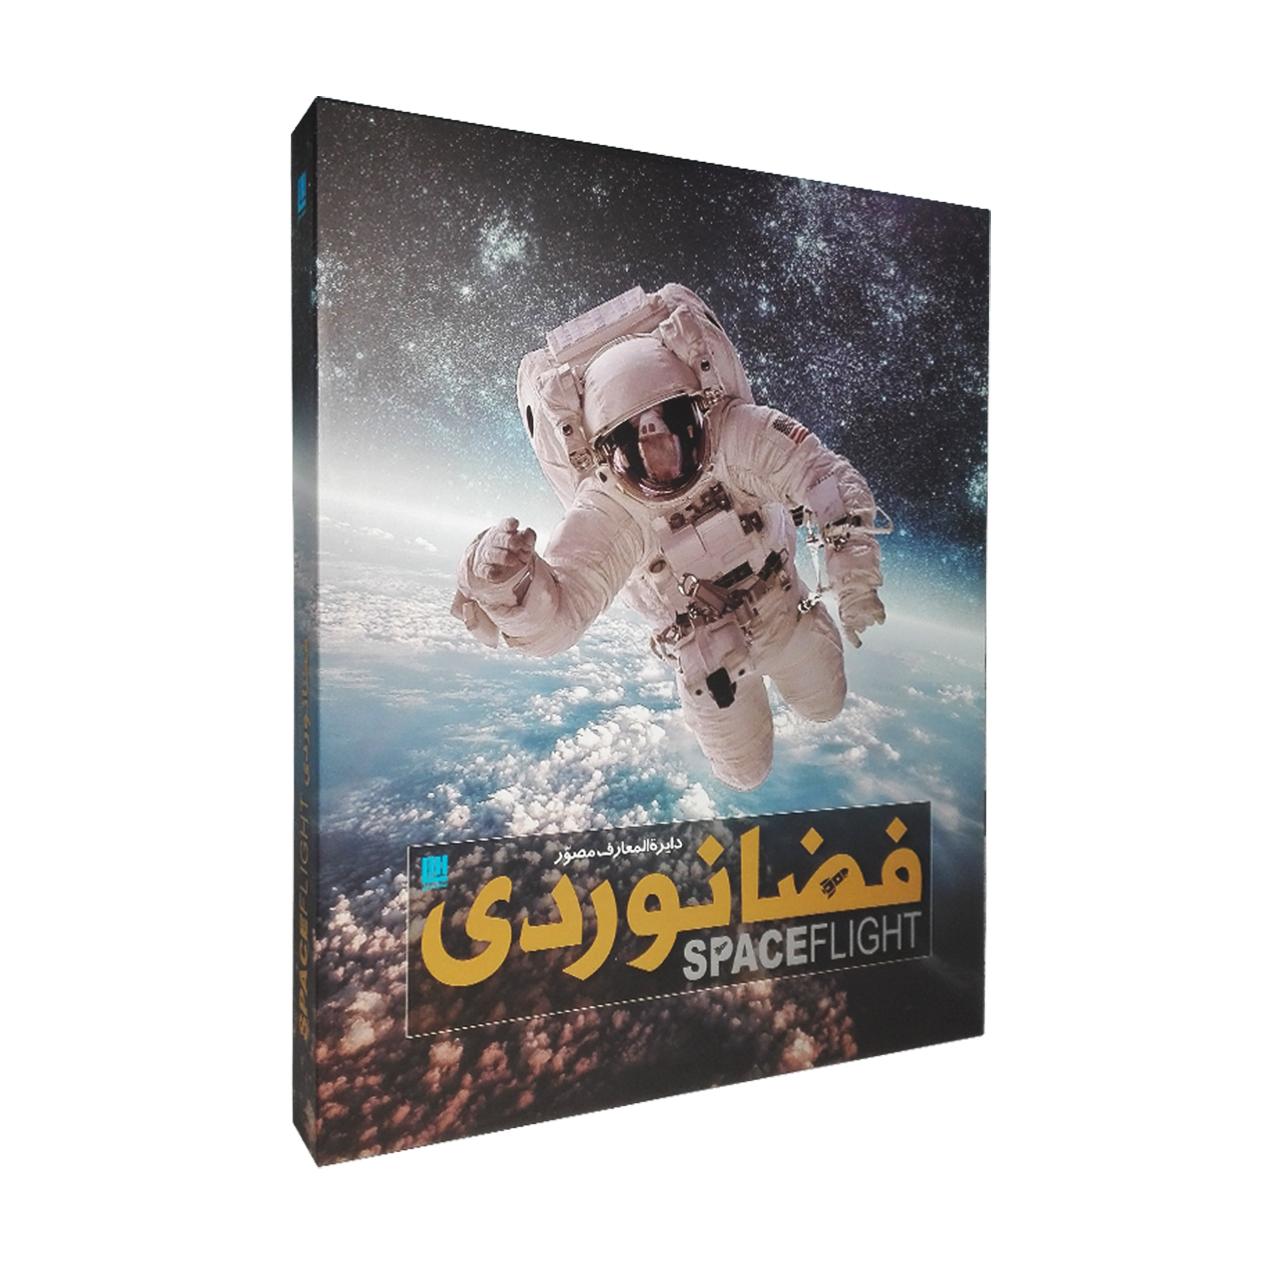 کتاب دایره المعارف مصور فضانوردی اثر جایلز اسپرو نشر سایان